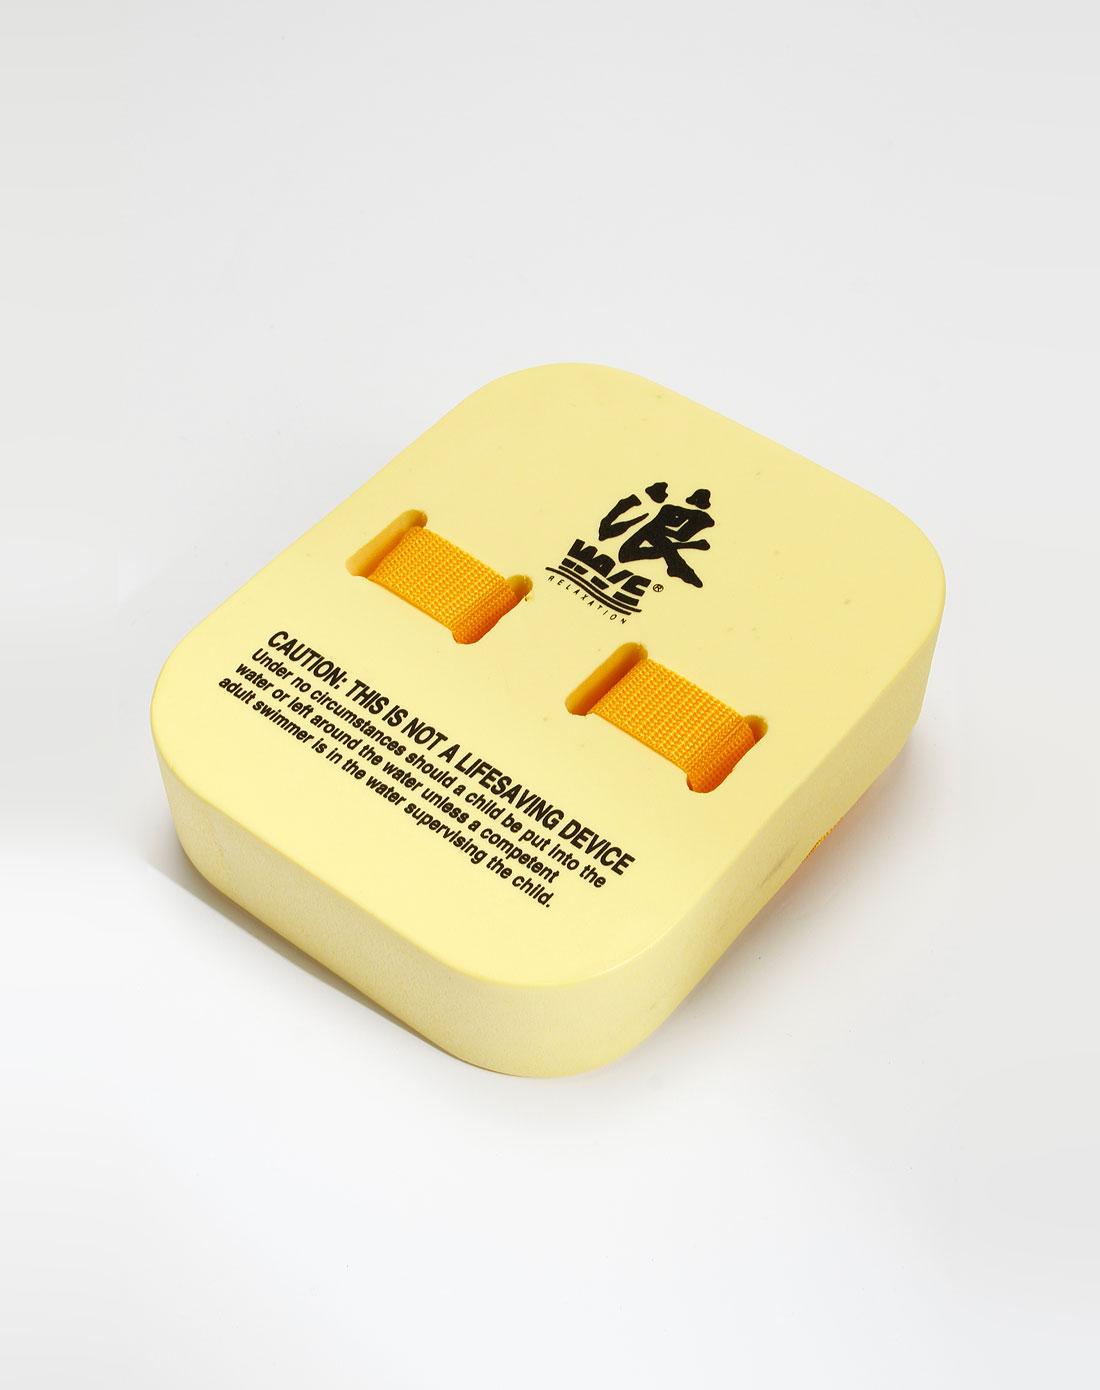 海浪wave运动专场儿童黄色浮水板背漂st5001-yl_唯品会